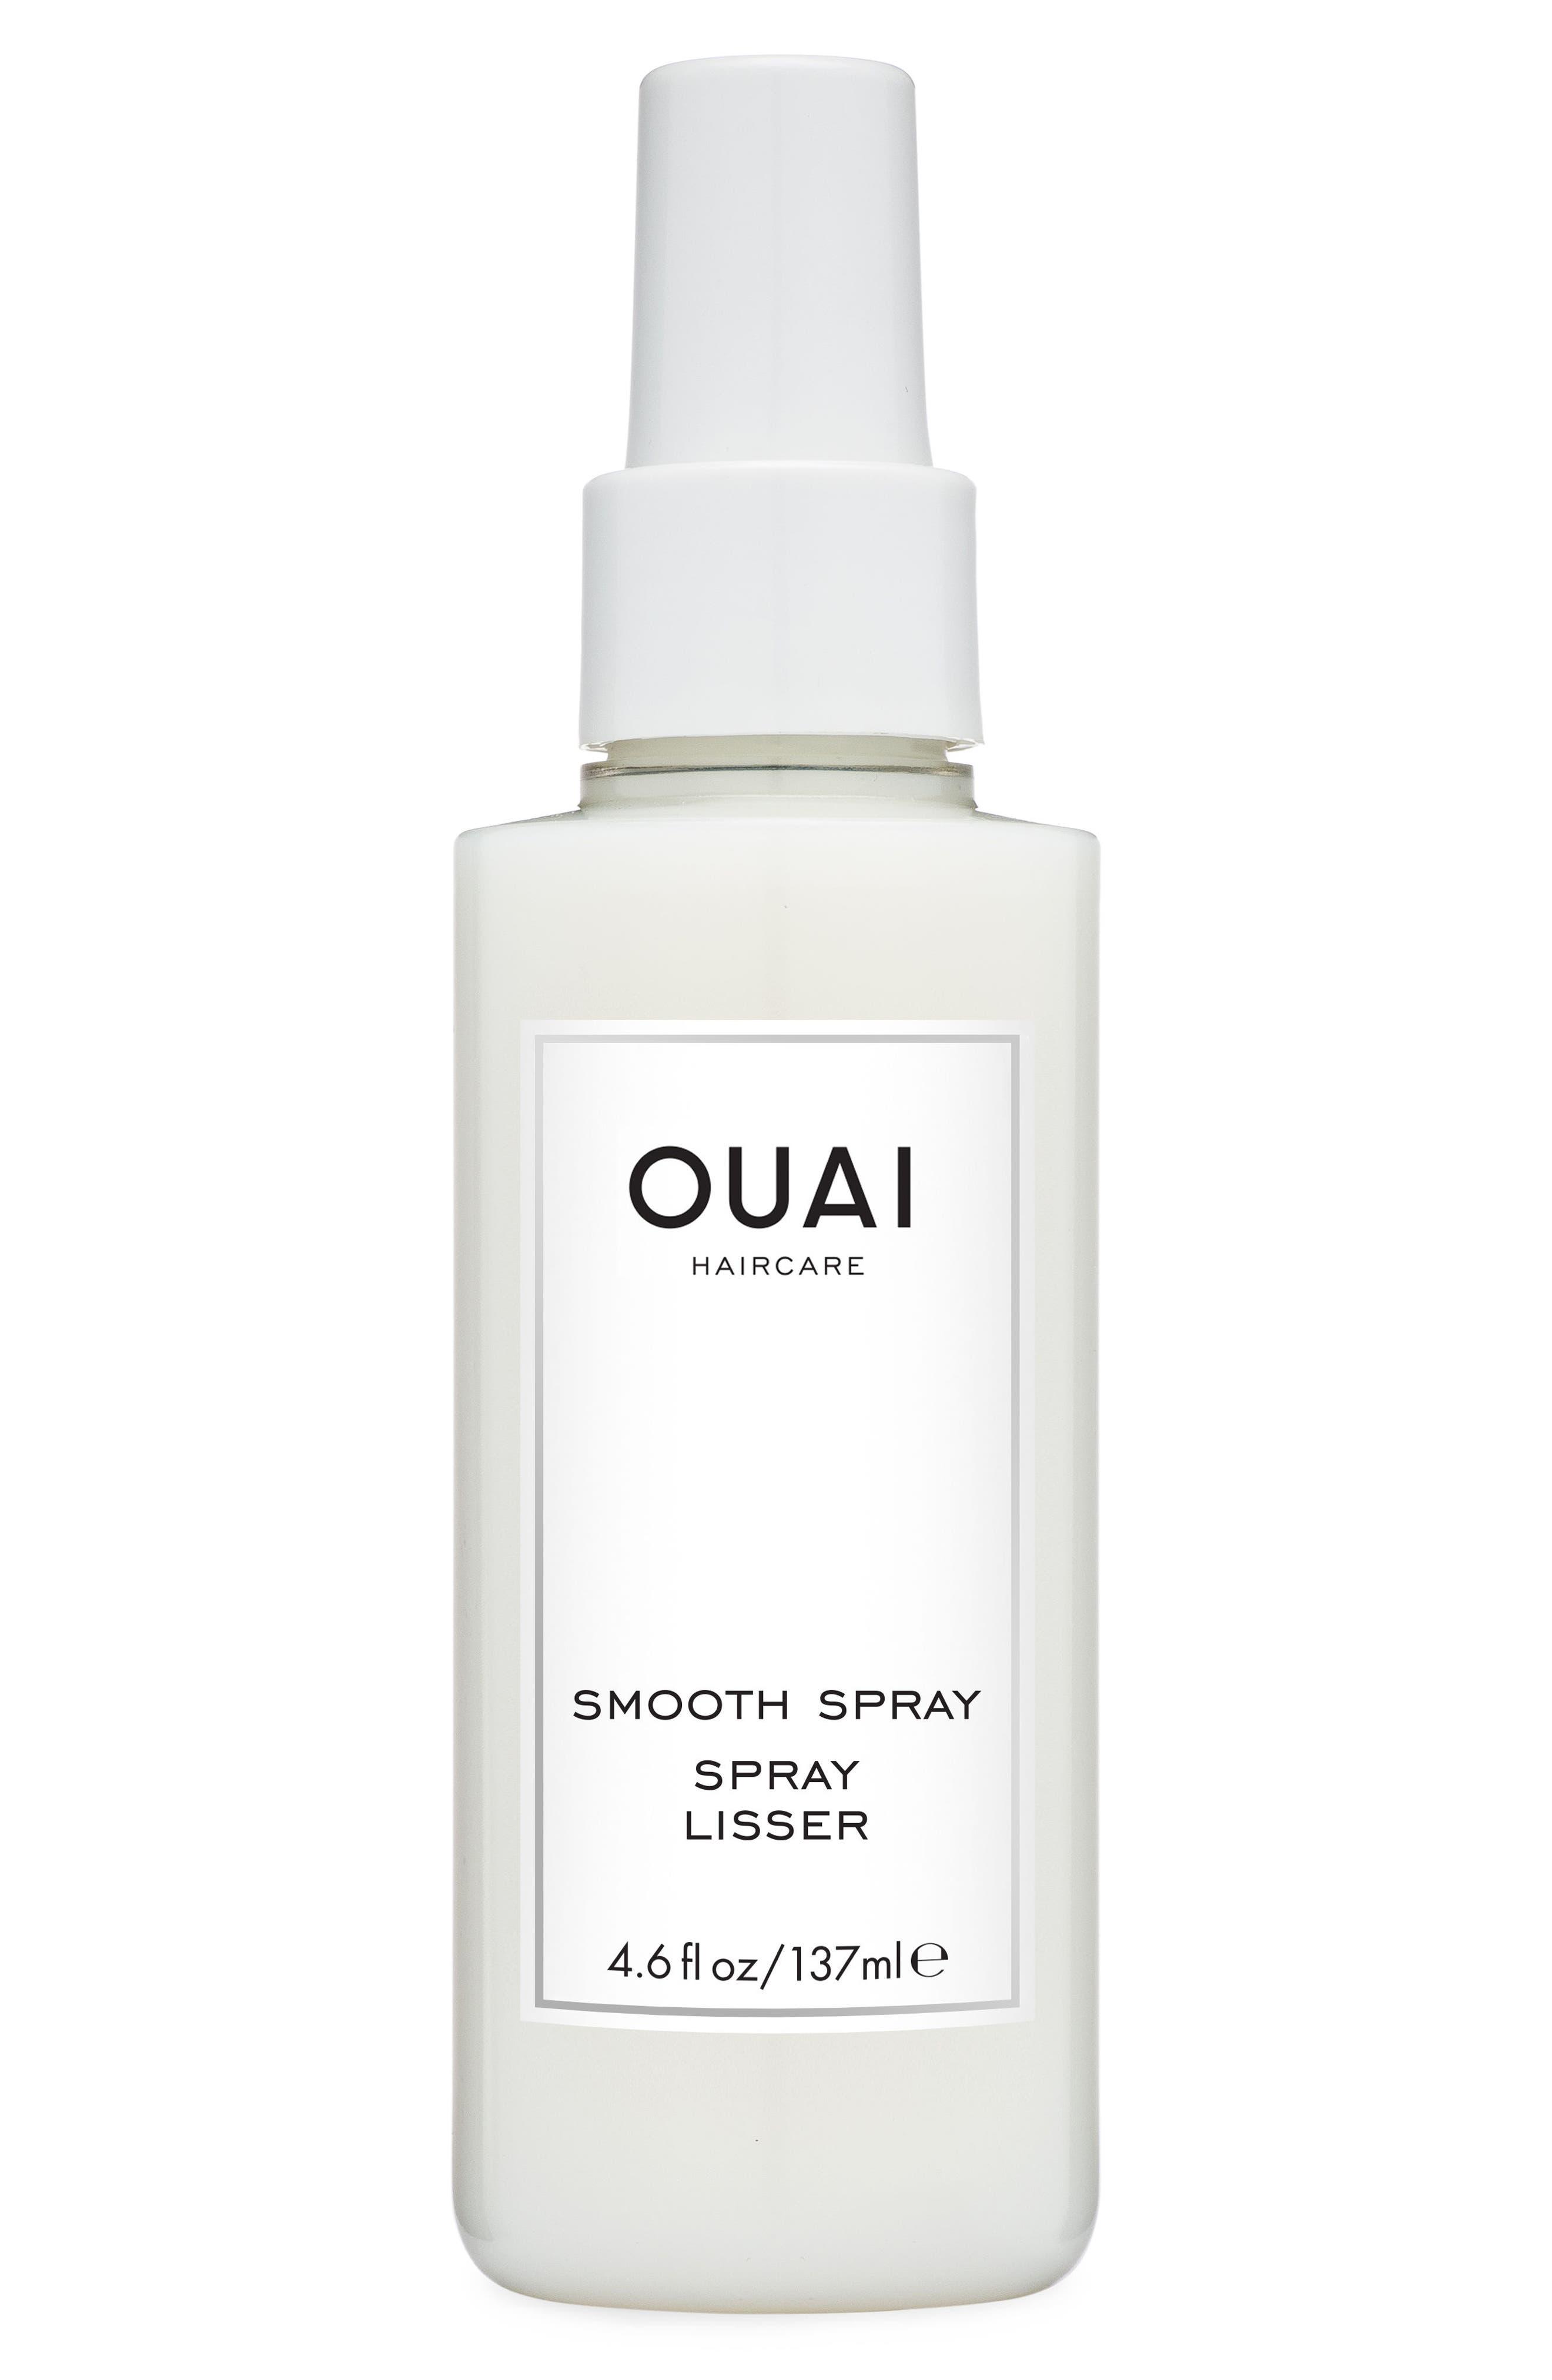 OUAI Smooth Spray Hair Mist